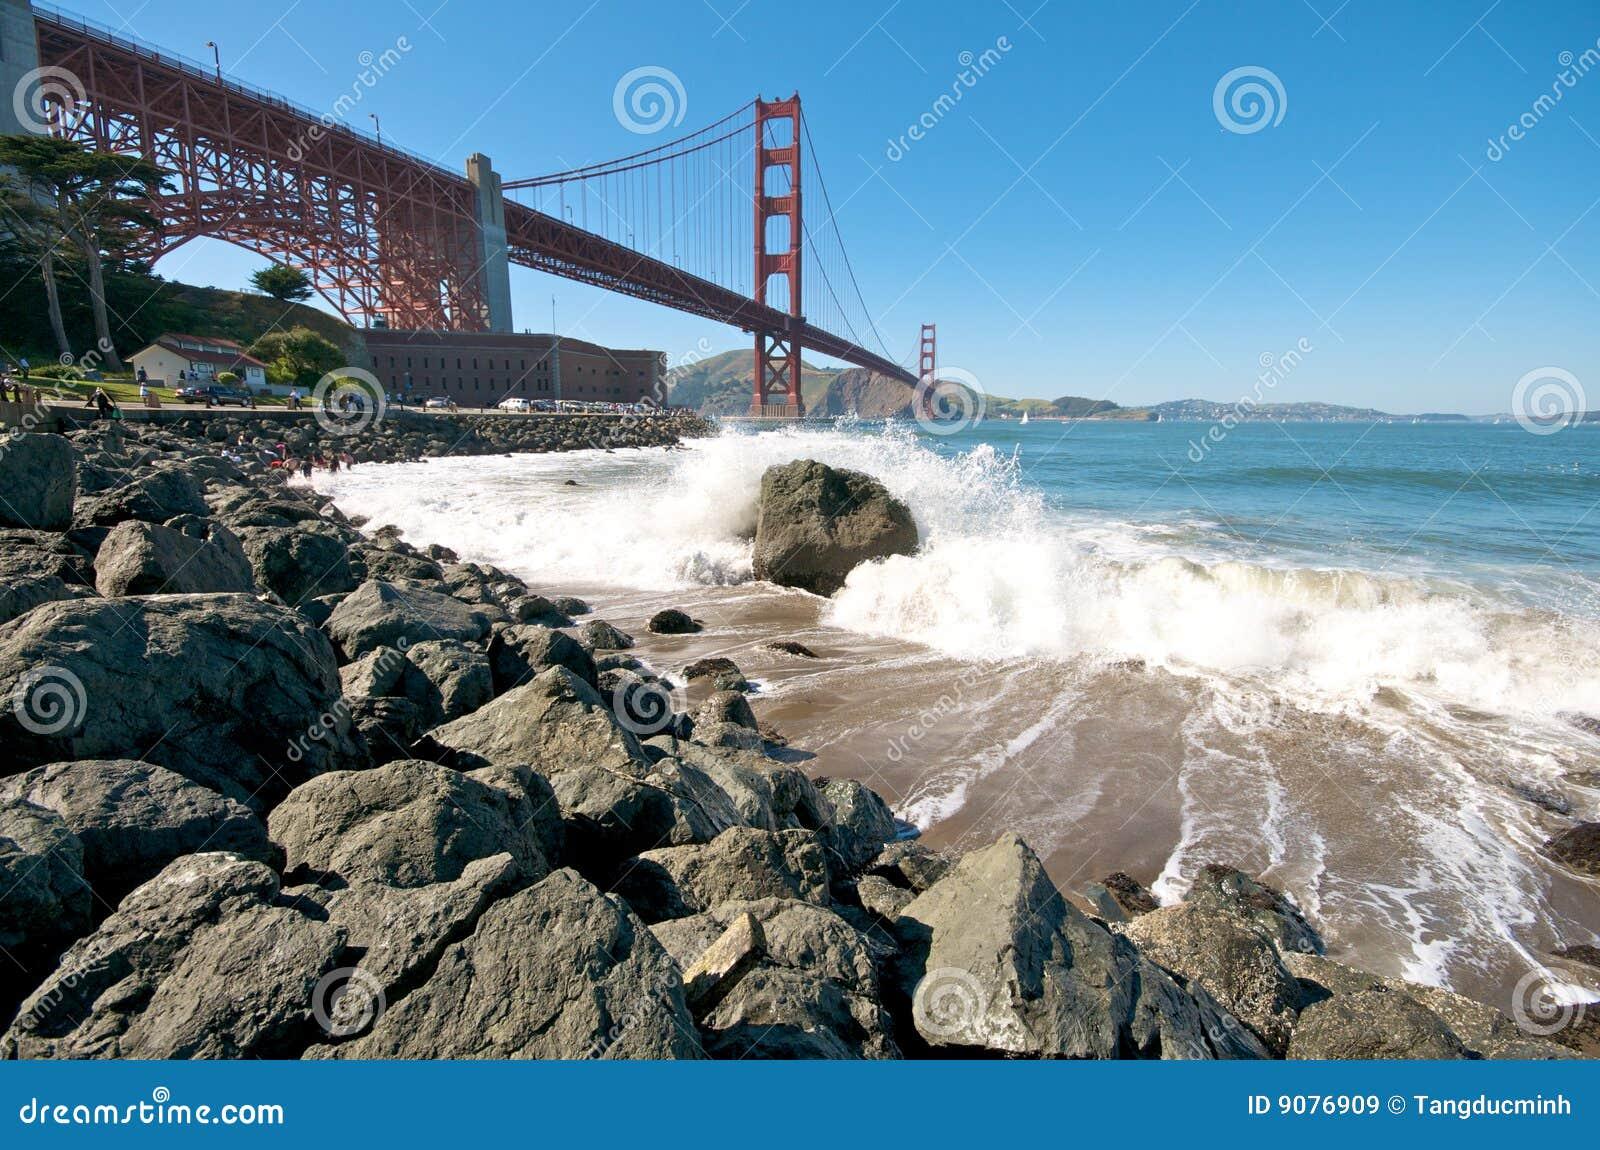 Br5ucke-Strand in San Francisco